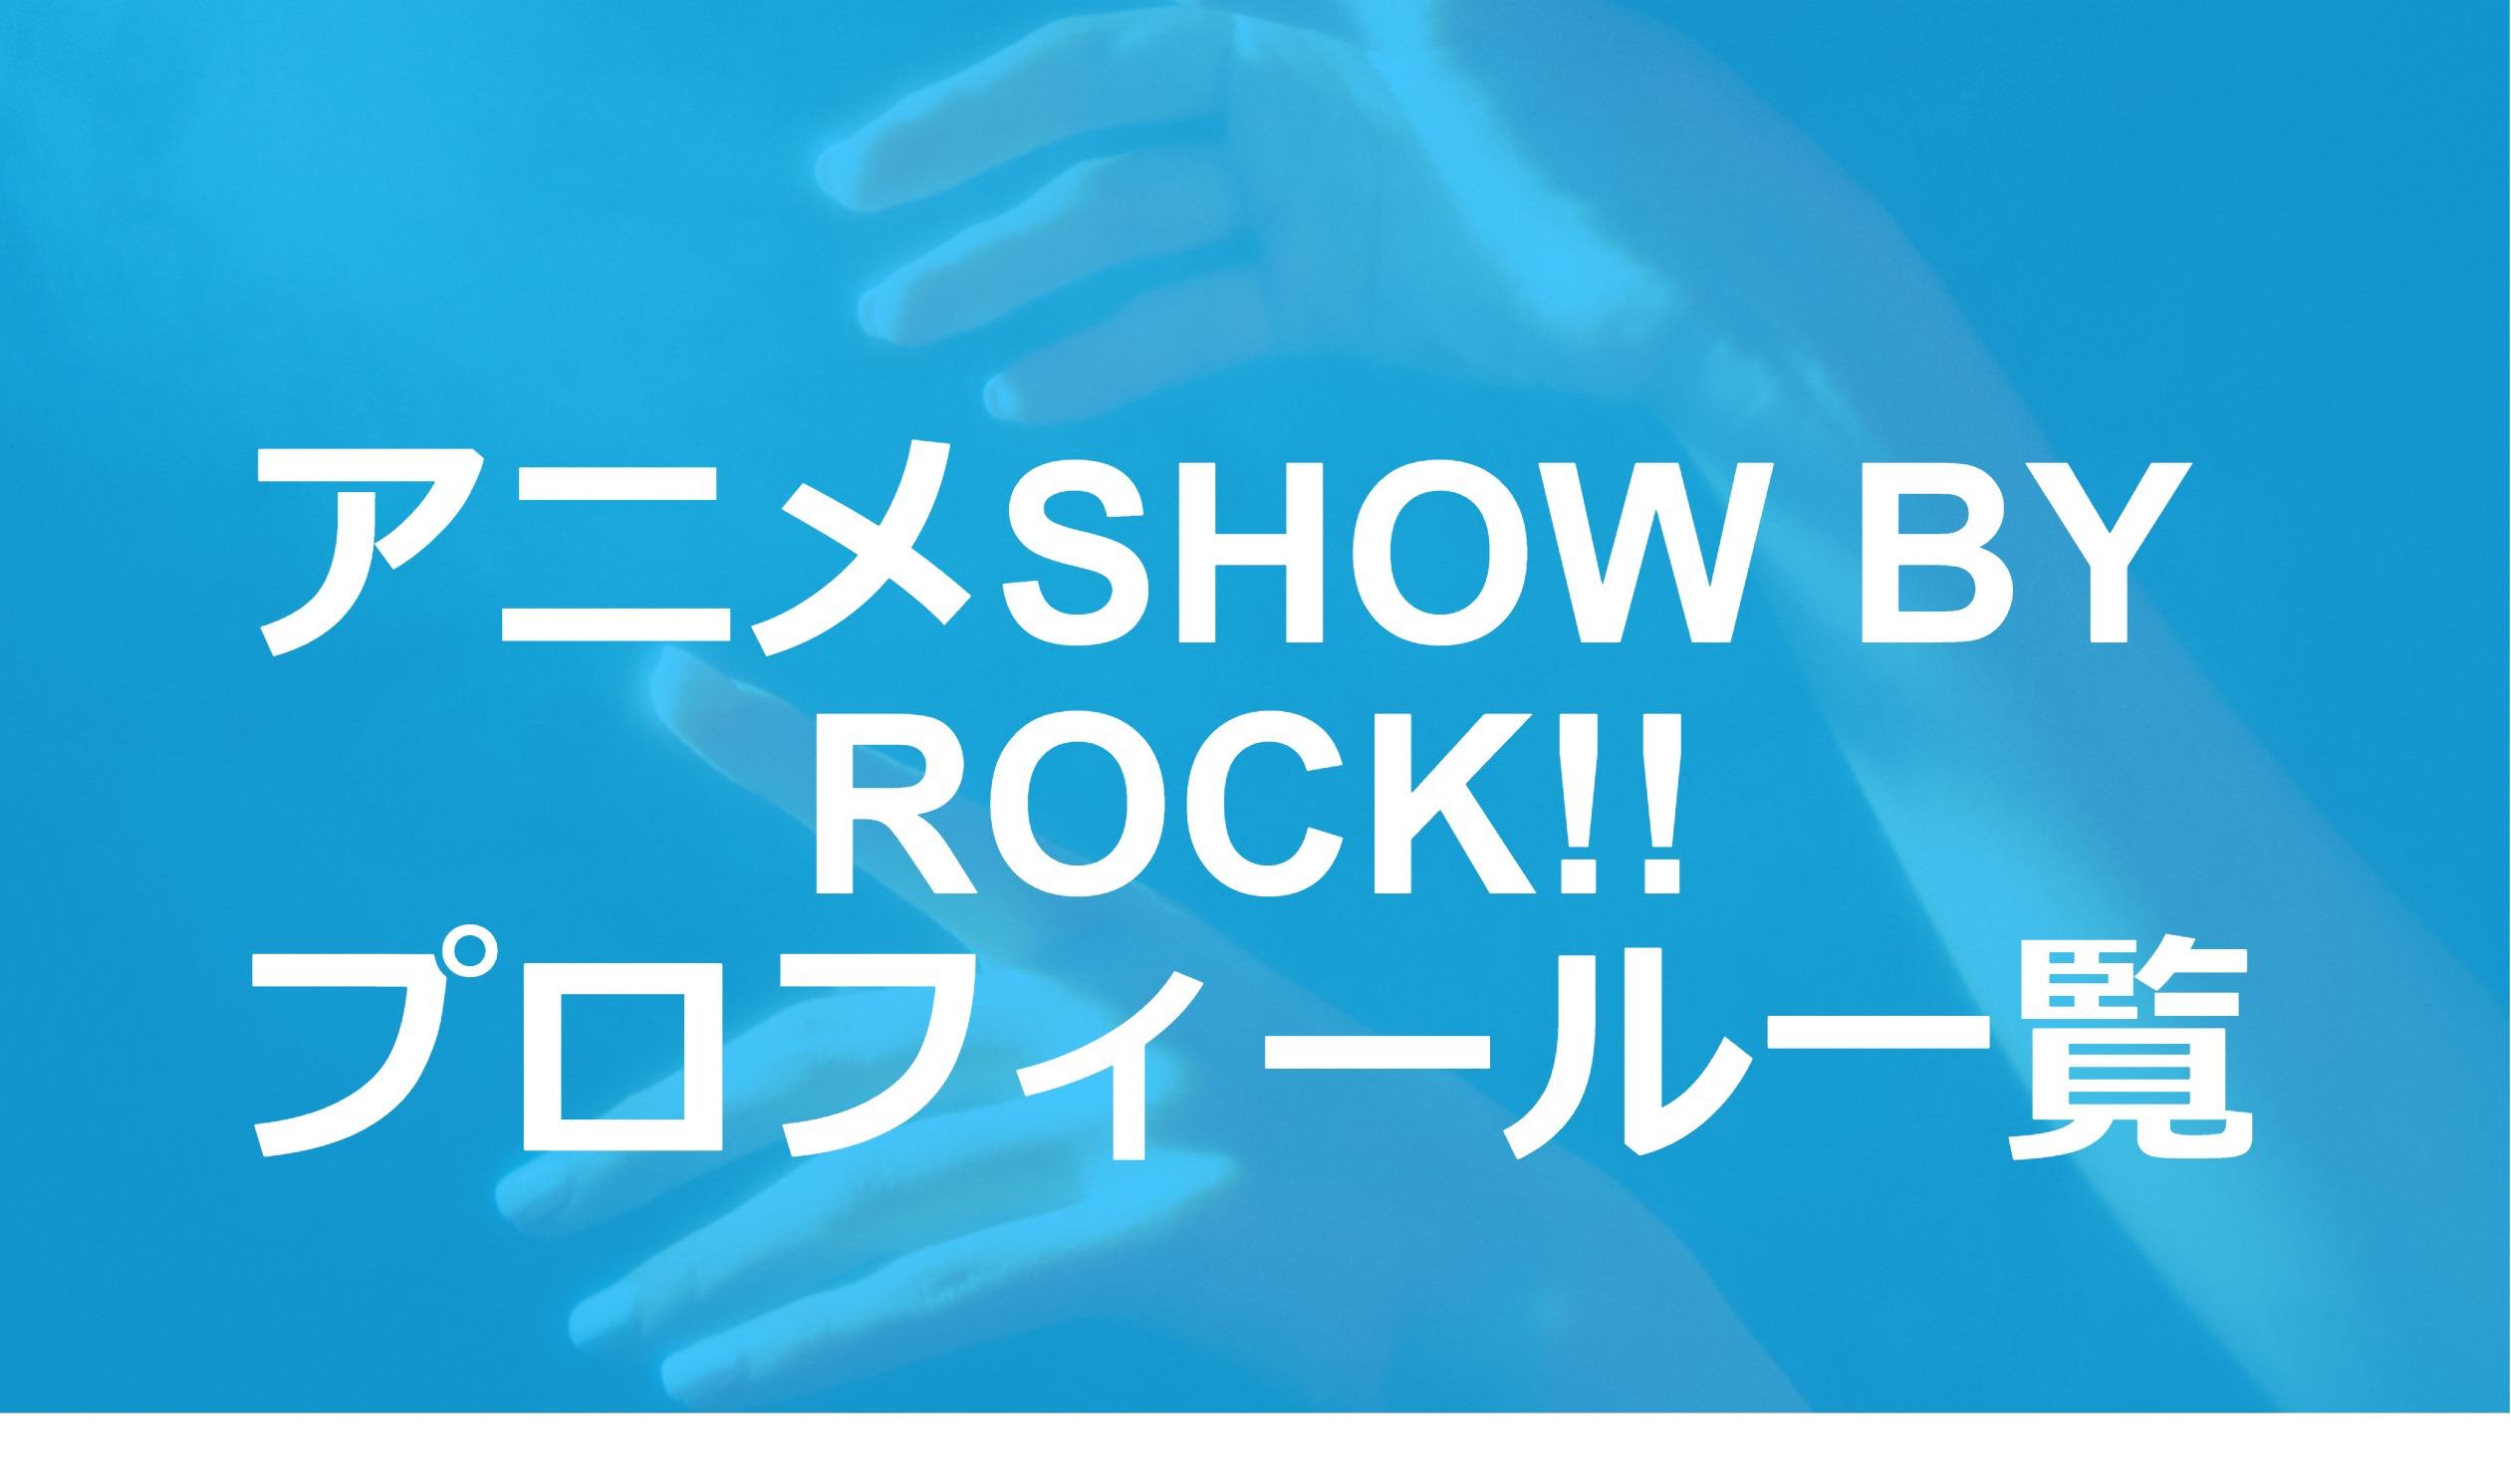 アニメSHOW BY ROCK!!に登場するキャラのプロフィール一覧